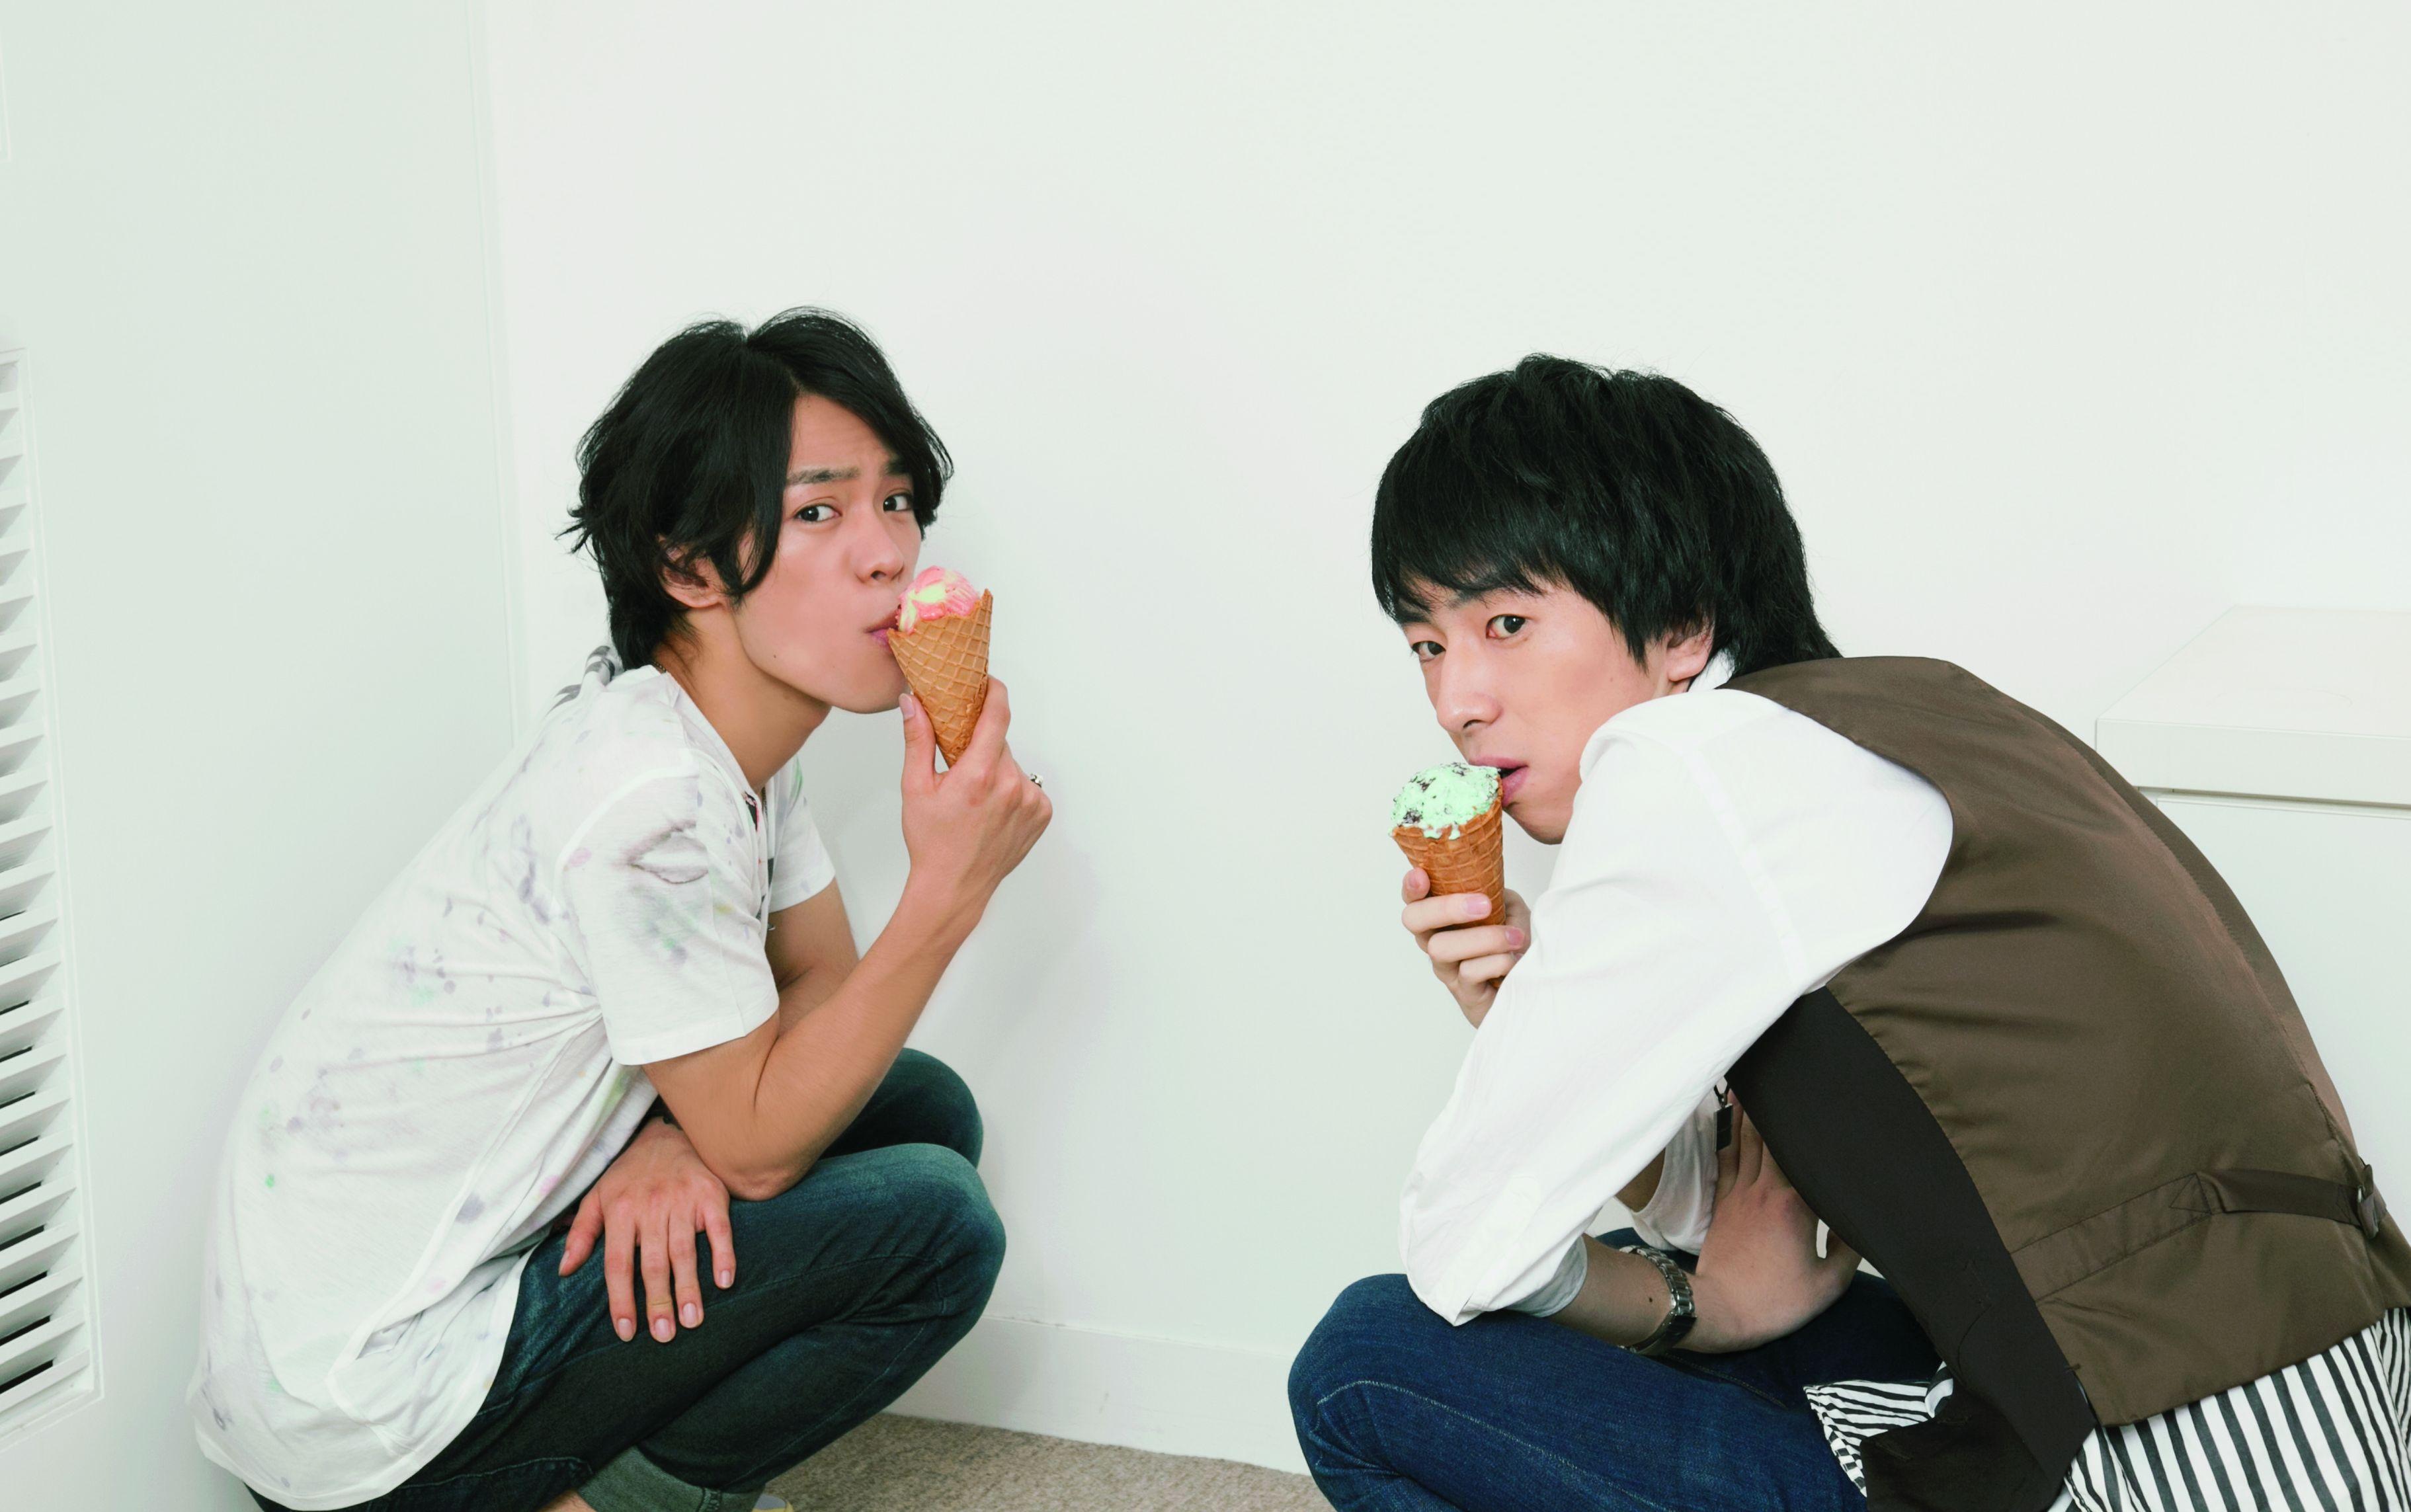 カハシヨウ(家裏マンボウ死P)×小野賢章 ※「別冊spoon. 2Di」(8/31発売)掲載写真